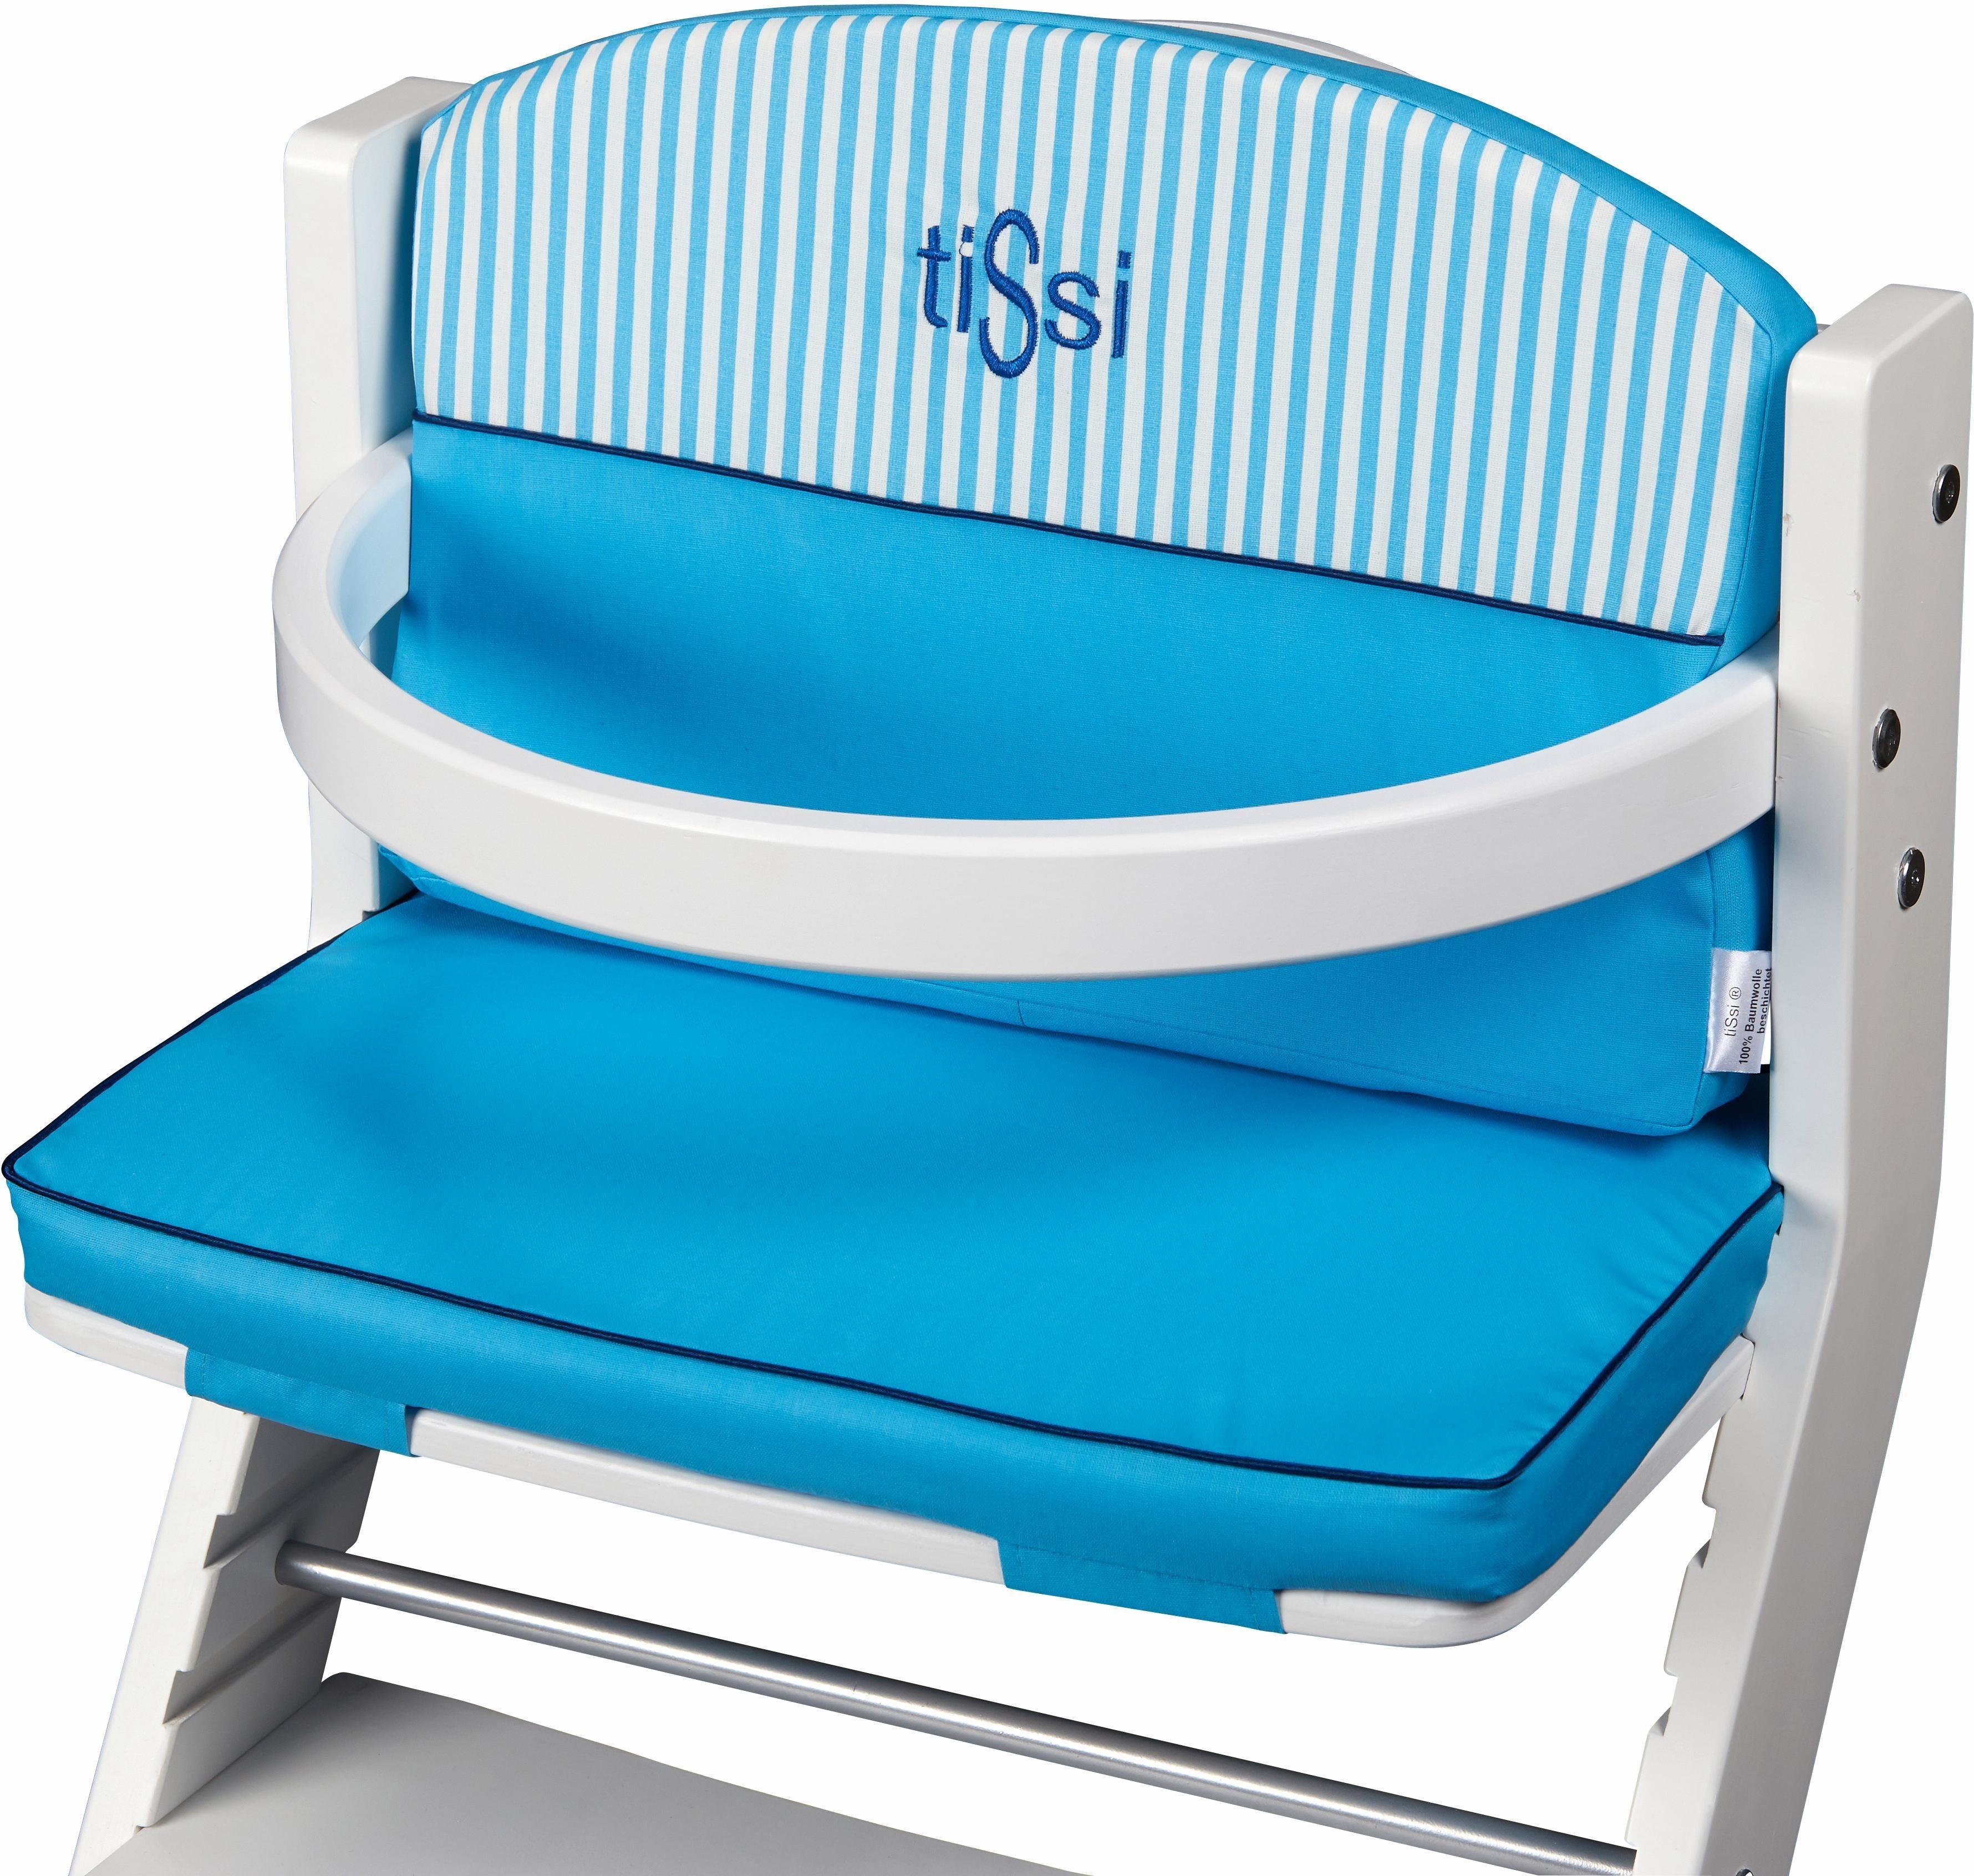 tiSsi® Sitzpolster für Hochstuhl, »Türkis«   Kinderzimmer   tiSsi®